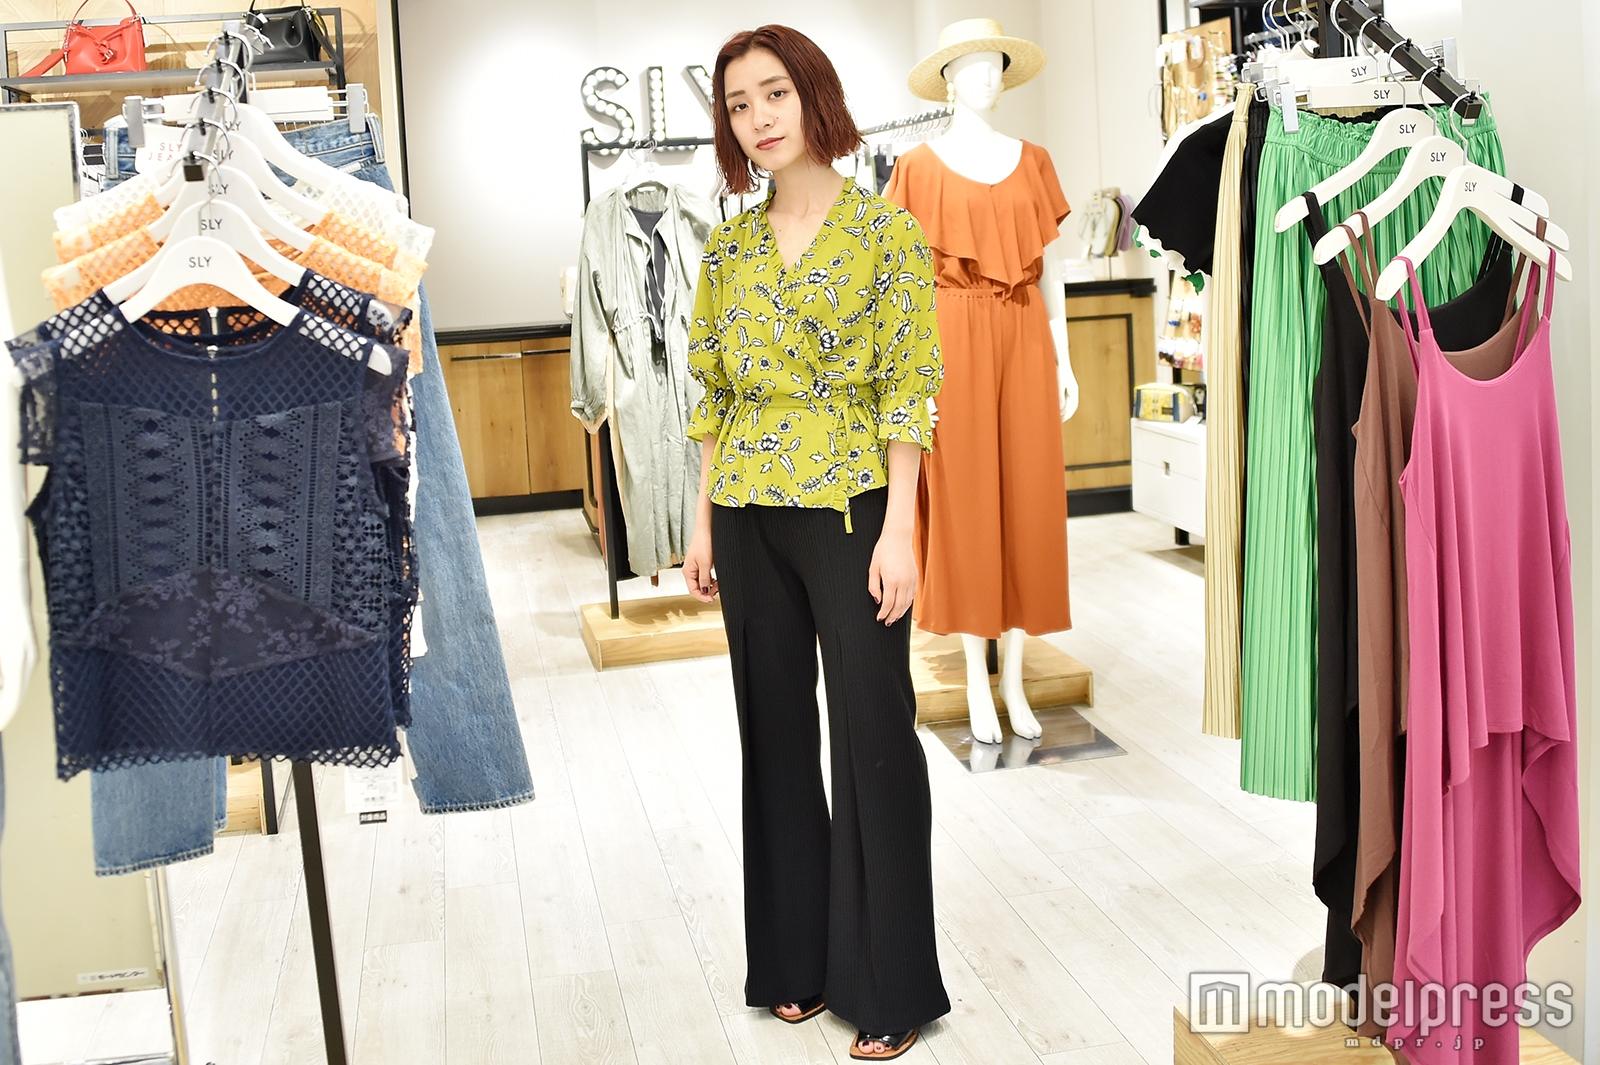 「SLY」ルミネエスト新宿店で取材を実施(C)モデルプレス